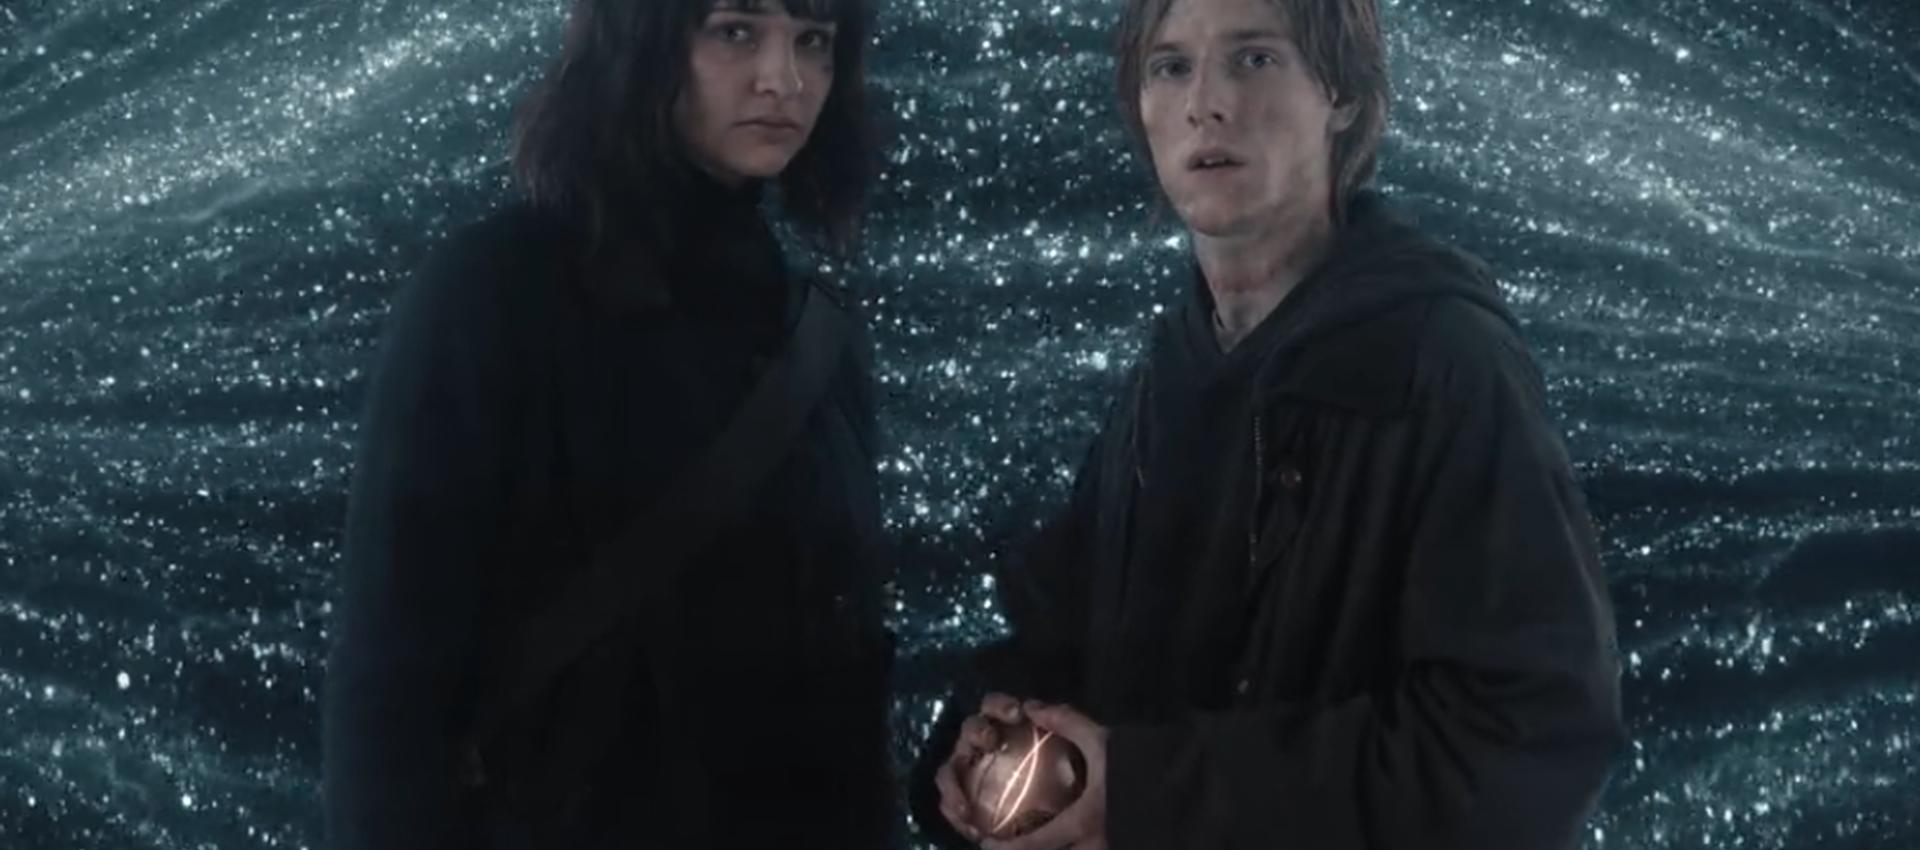 """[Crítica] Dark - Terceira temporada finaliza a série, de quebra, dando um """"nó"""" no cérebro dos telespectadores. 6"""